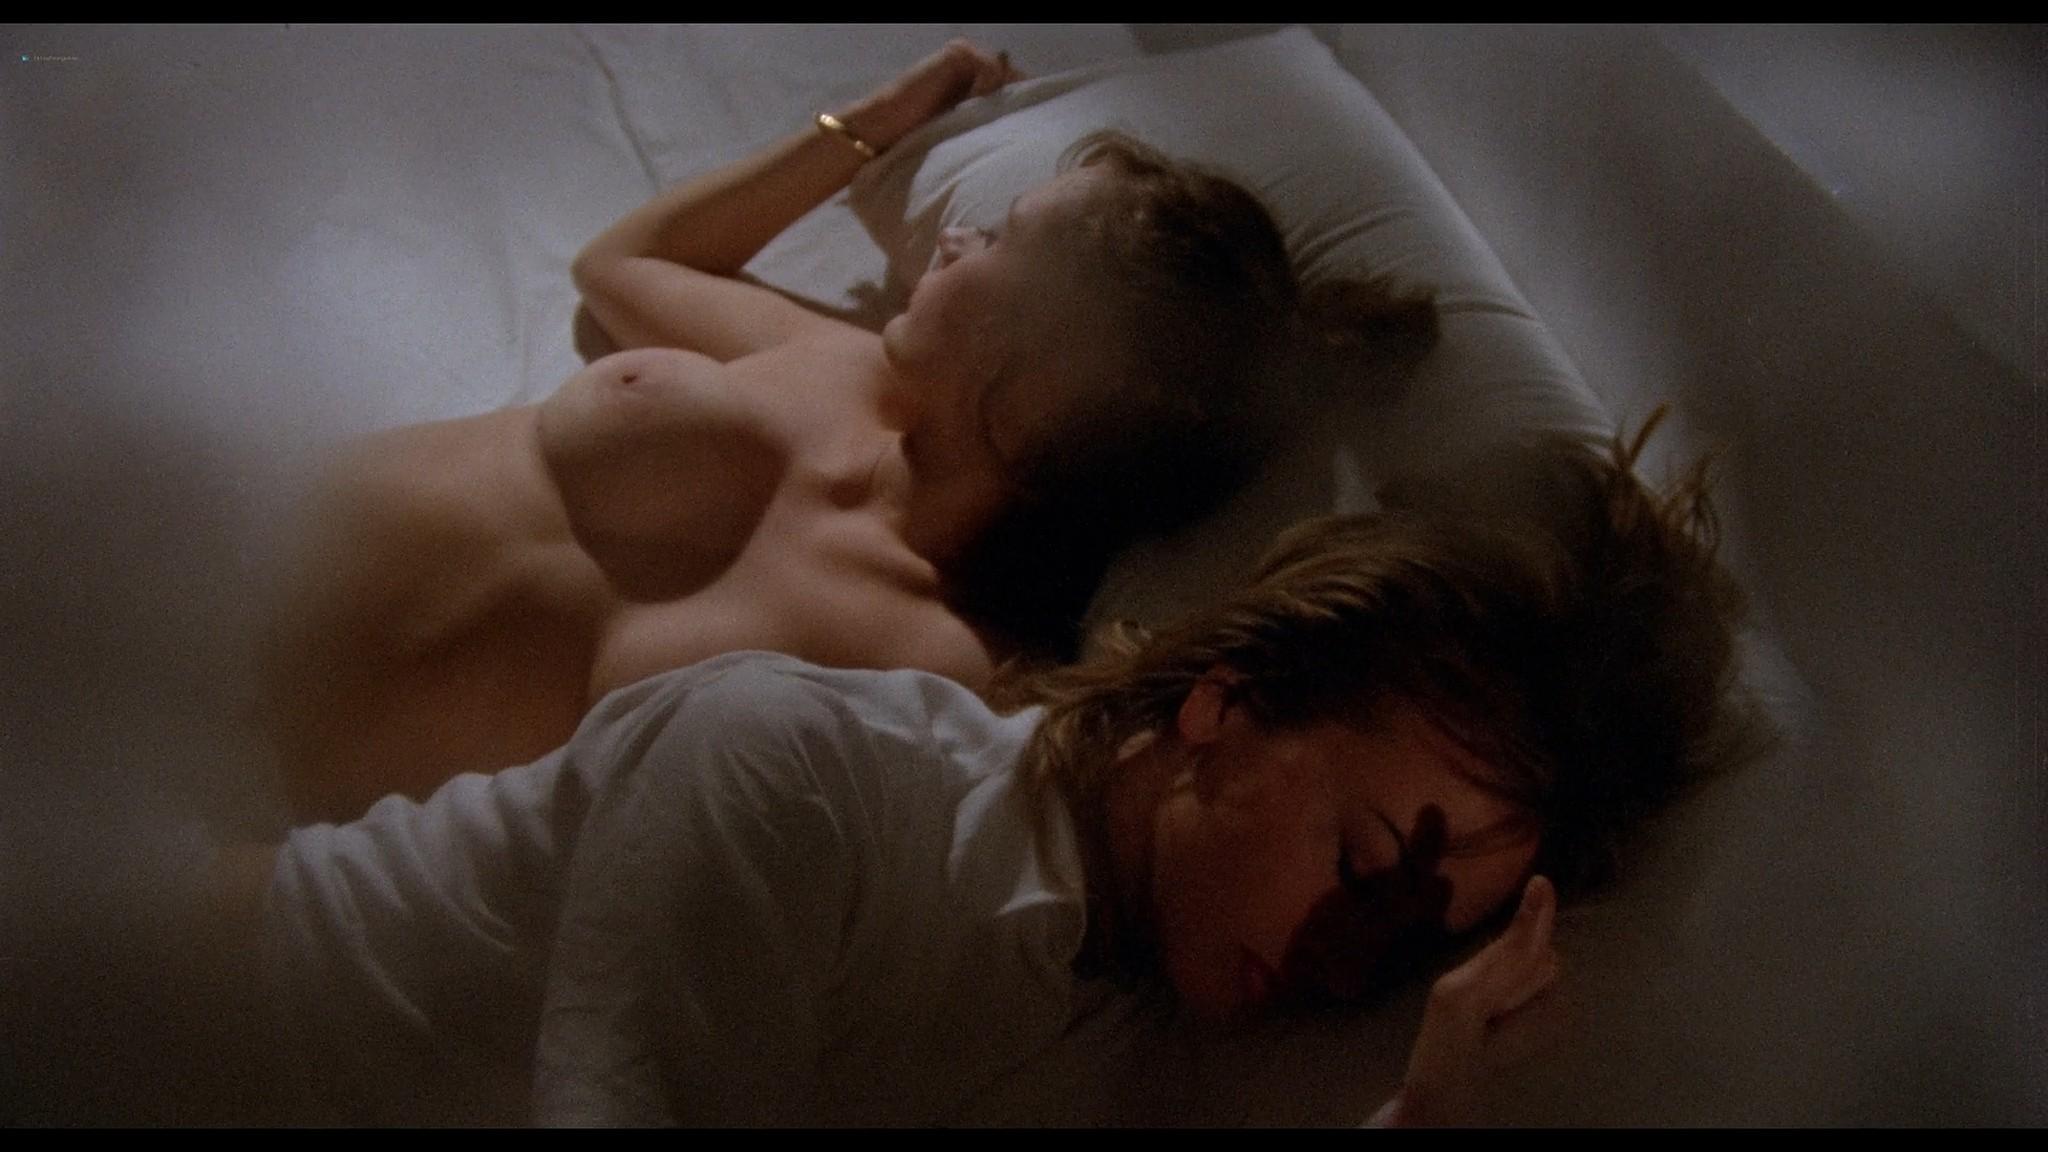 Dalila Di Lazzaro nude full frontal Vanessa Vitale nude – La ragazza dal pigiama giallo IT 1977 1080p BluRay REMUX 4